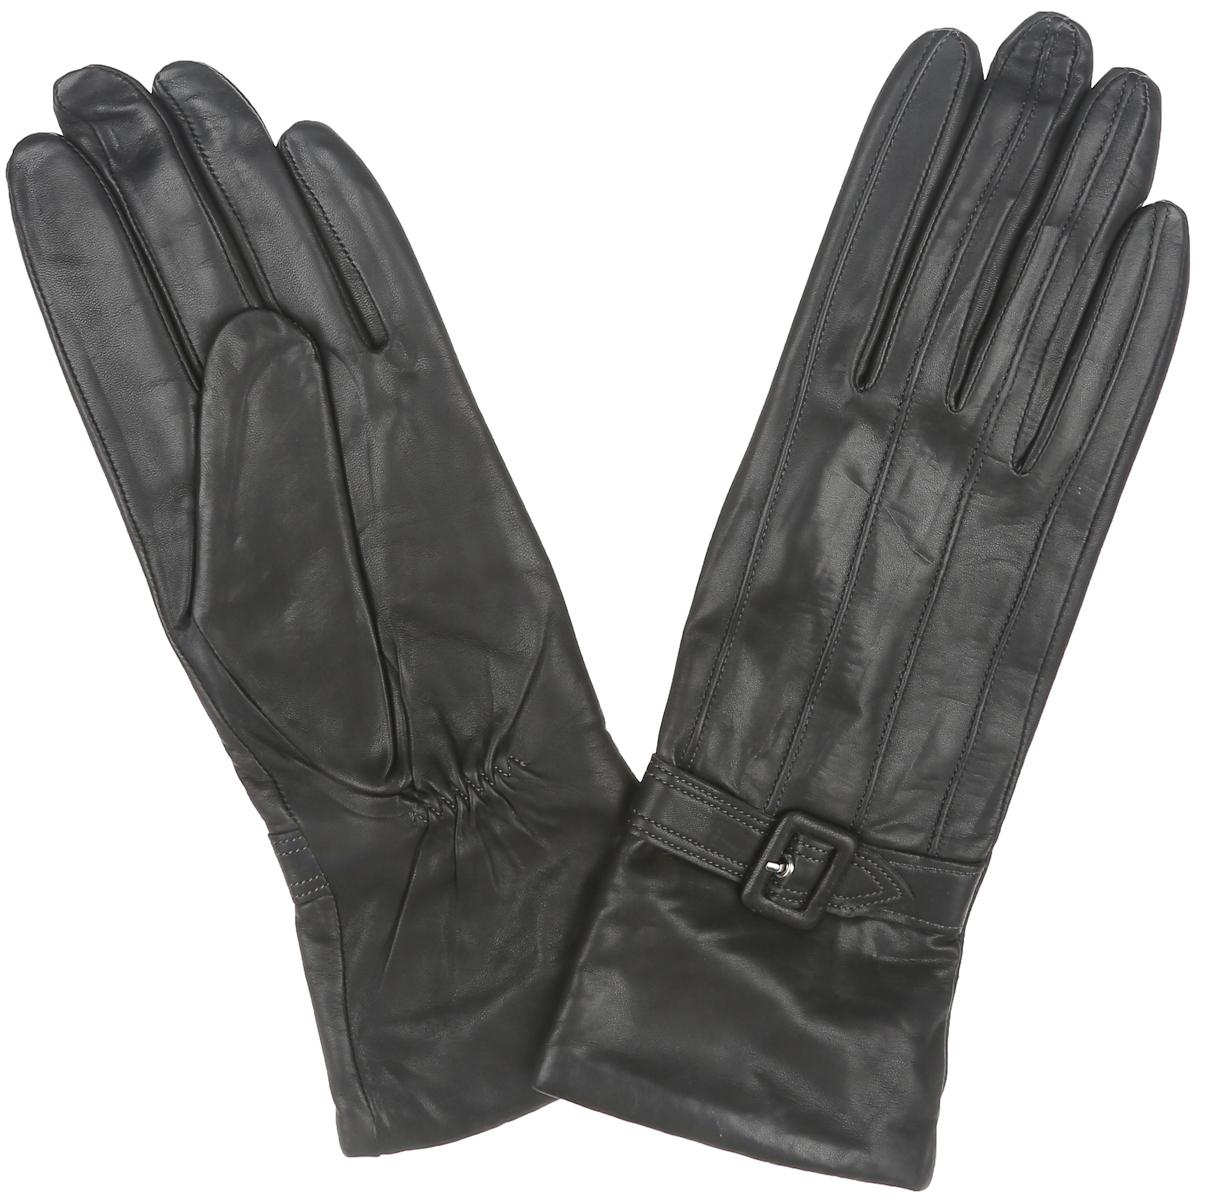 ПерчаткиIS5083Классические женские перчатки Eleganzza - первая необходимость в осенне- зимний период. Перчатки выполнены из необыкновенно мягкой и приятной на ощупь натуральной кожи, а их подкладка - из натуральной шерсти с добавлением кашемира. Лицевая сторона оформлена декоративным ремешком и оригинальной прострочкой в тон изделия. Тыльная сторона дополнена резинкой для оптимальной посадки модели на руке. Потрясающие женские перчатки Eleganzza подойдут романтичным особам с тонким вкусом. Но самое главное - они защитят руки от холода и ветра, сохраняя их красоту.